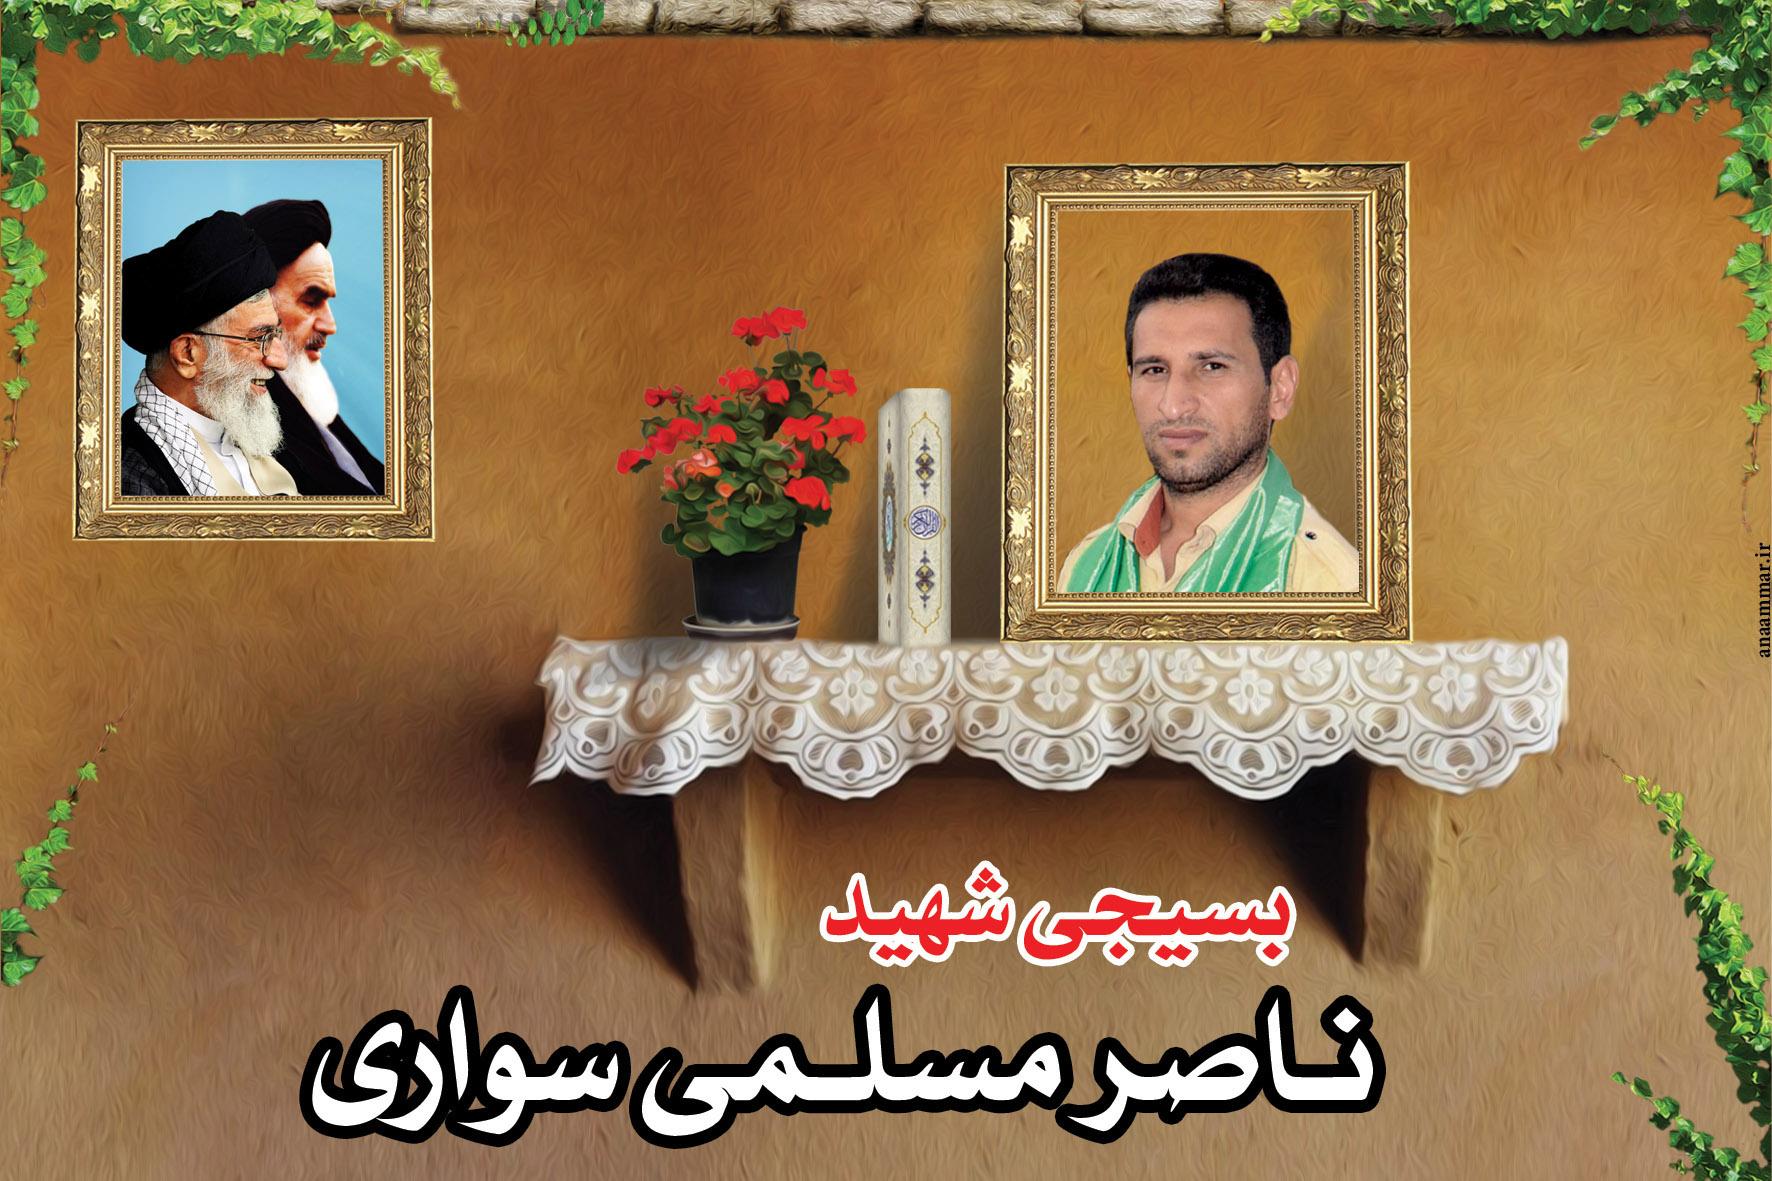 ناصر مسلمی سواری